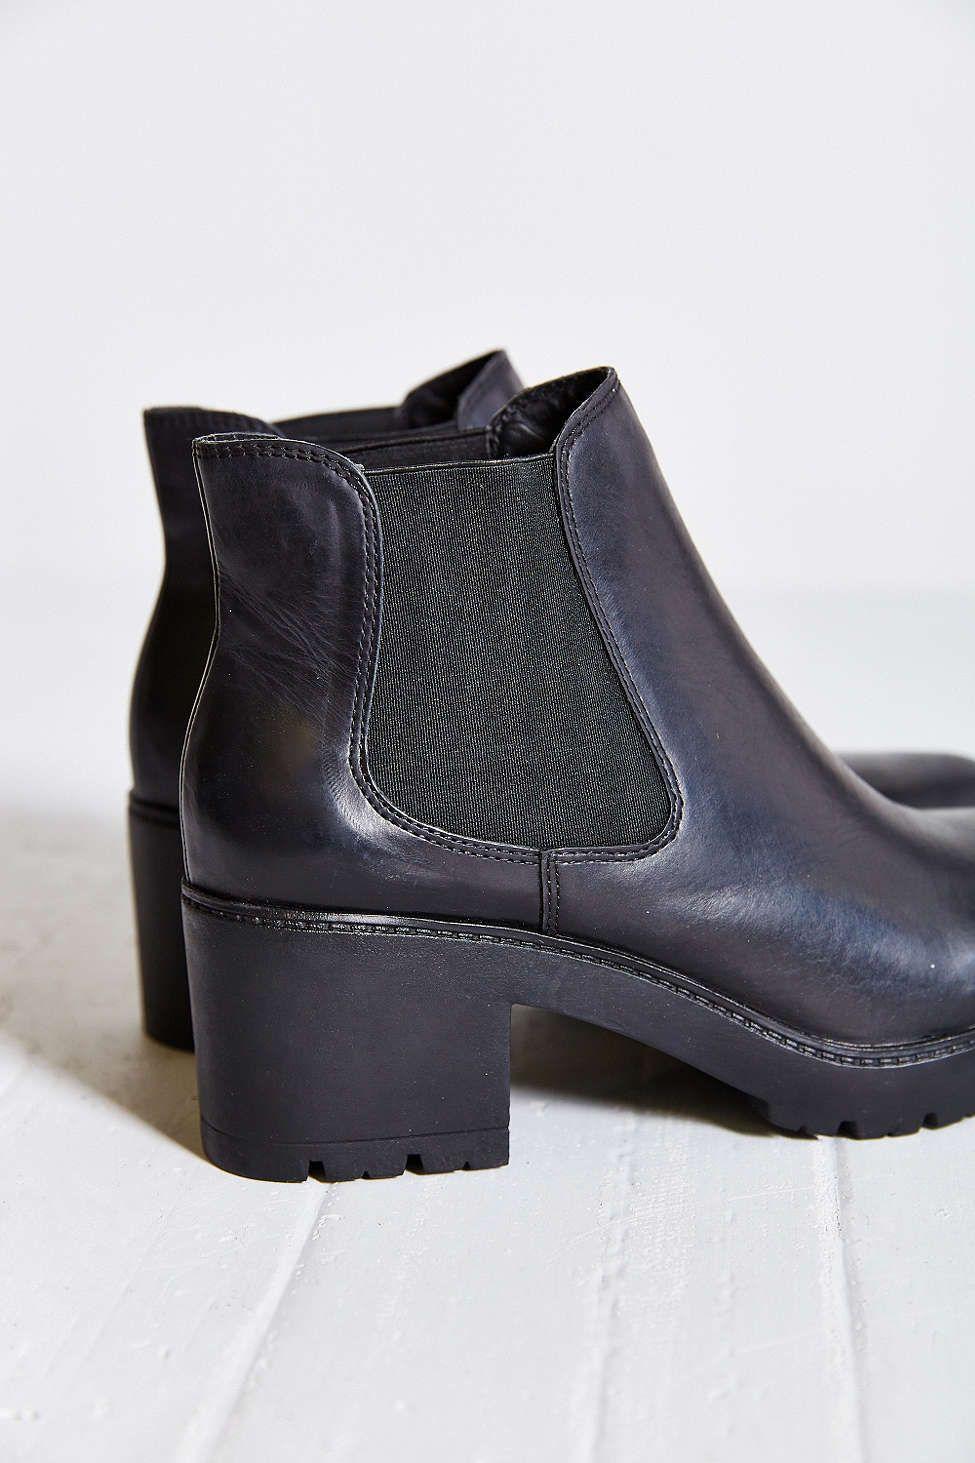 Steve Madden Rumi Chelsea Boot